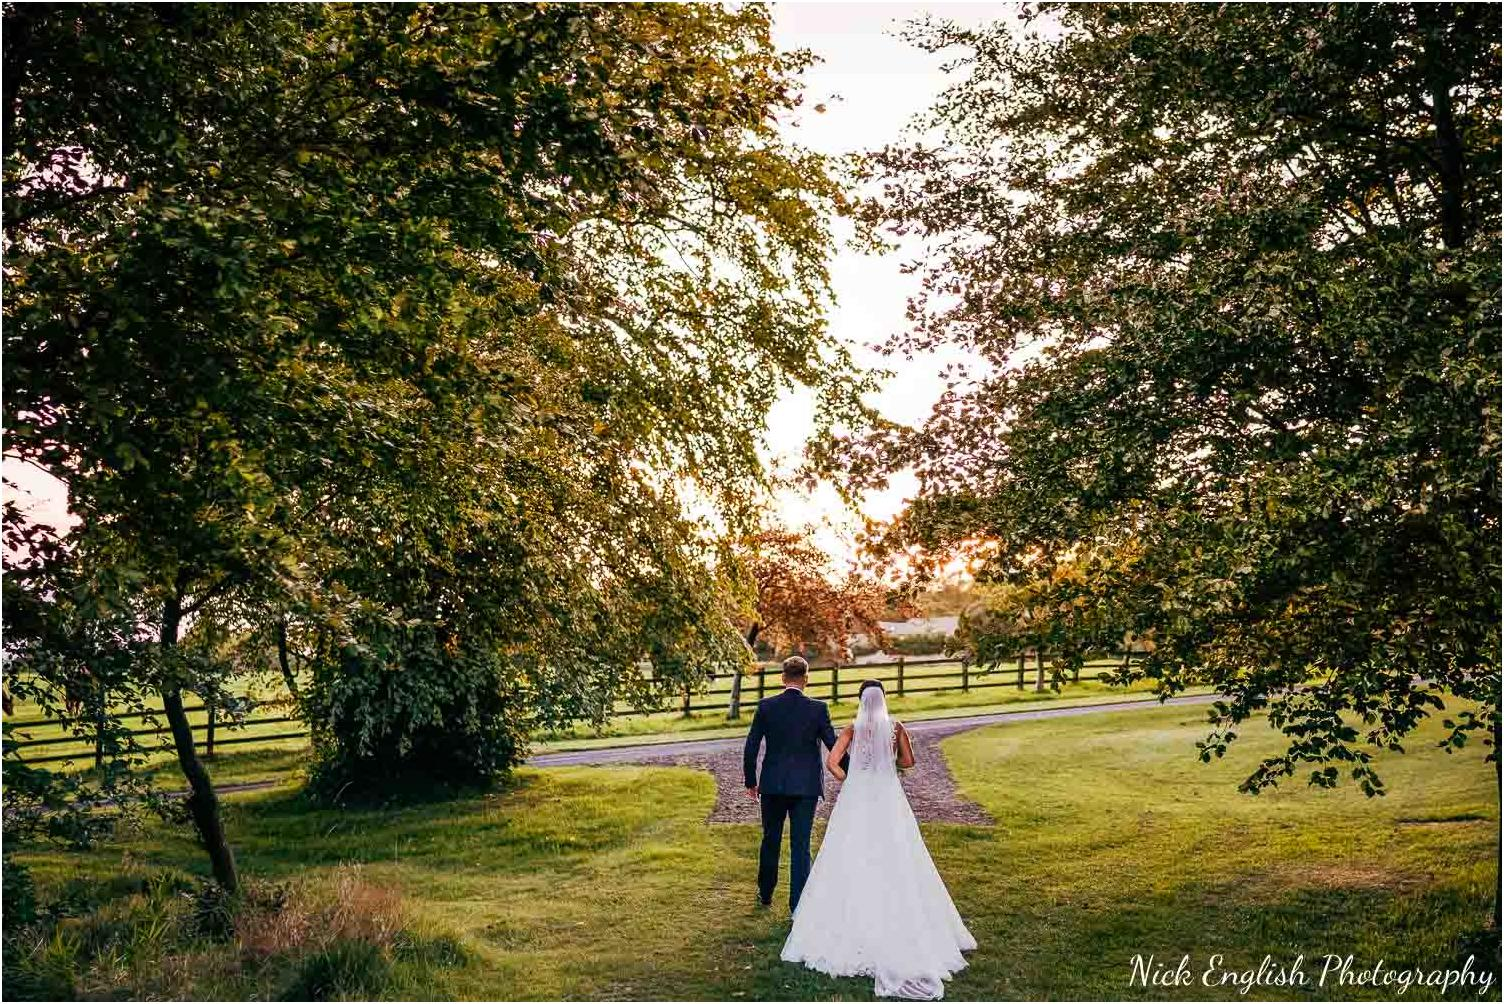 Browsholme_Hall_Barn_Wedding_Nick_English_Photography-180.jpg